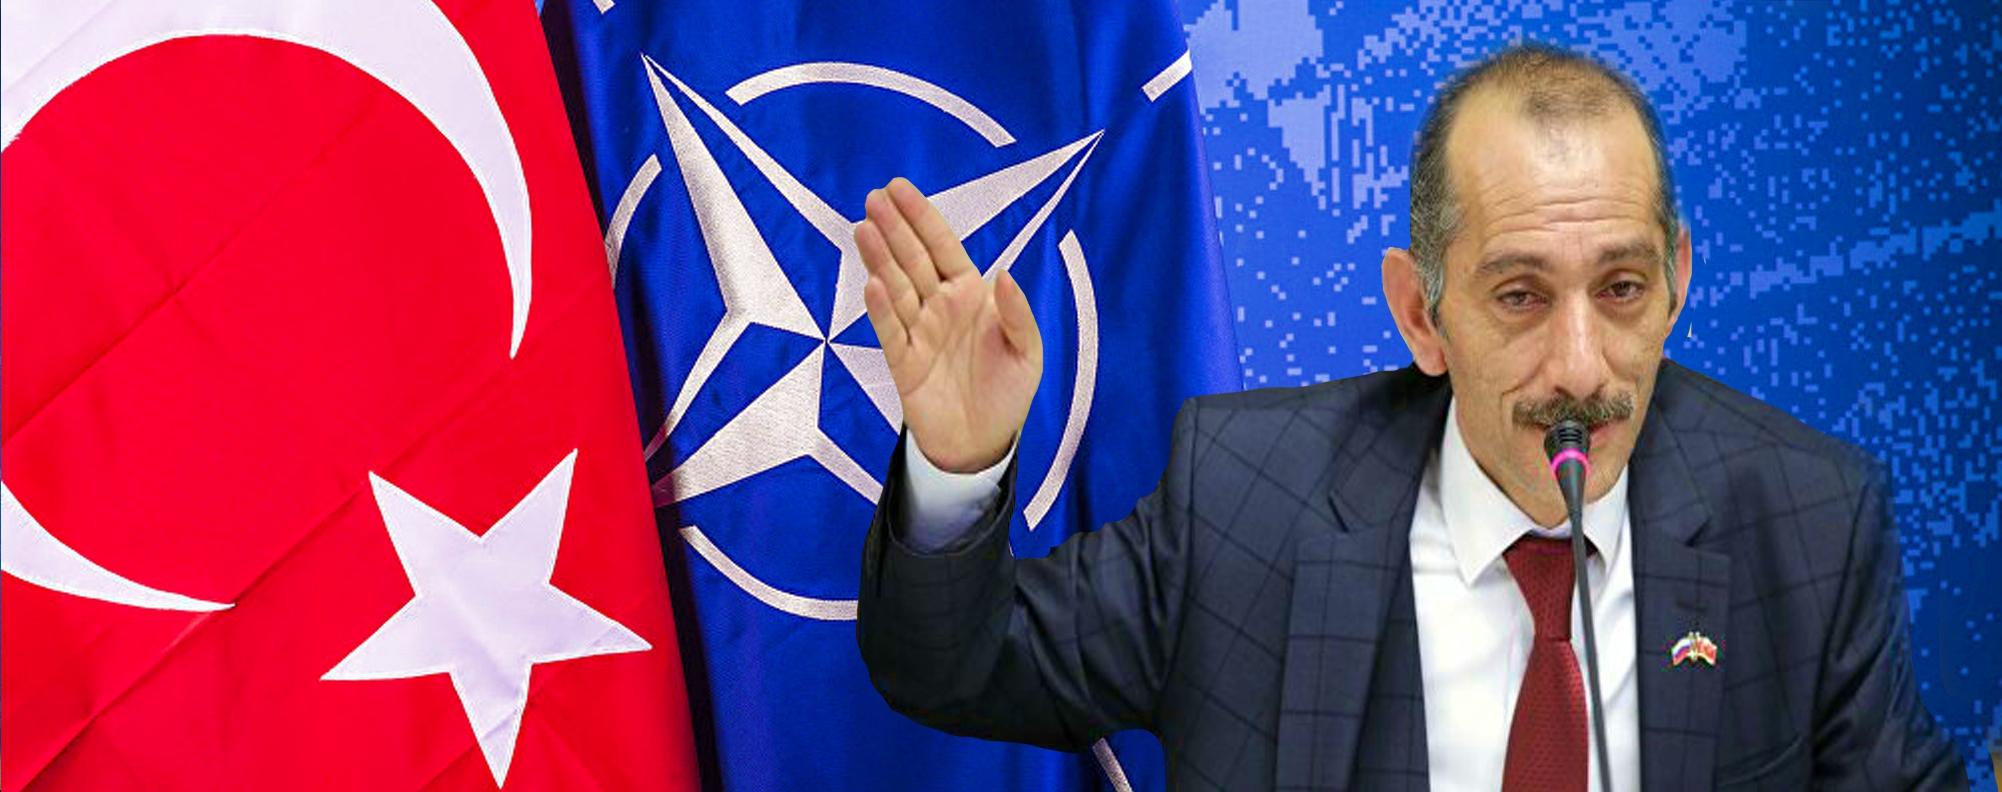 В Турции заявили о скором выходе из «разваливающейся» НАТО